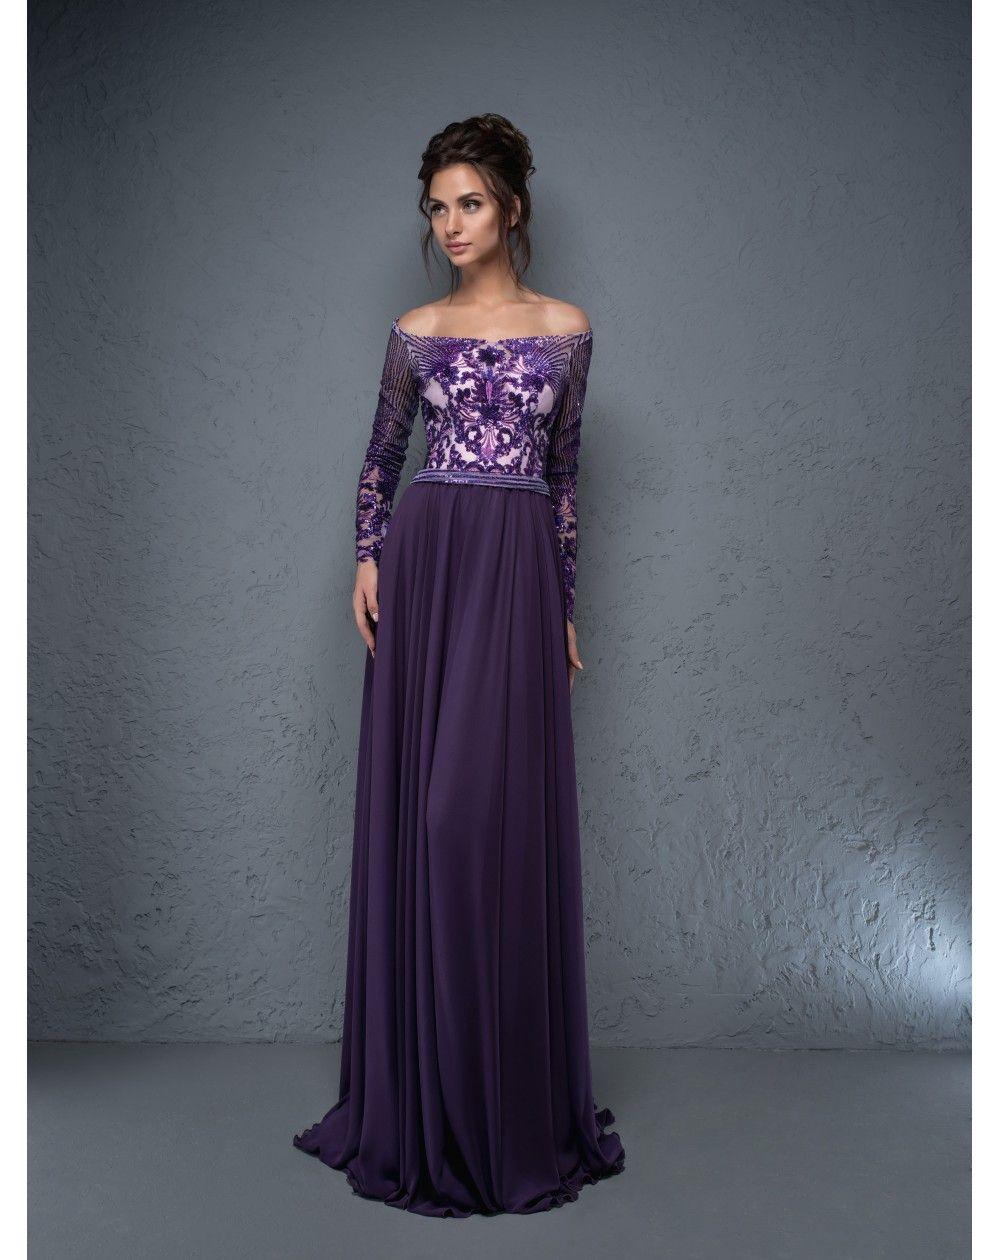 Dlhé fialové plesové šaty s dlhými rukávmi. Zvršok je vytvorený z  neopakovateľnej látky so vzormi. 6e7f7ae0ba0